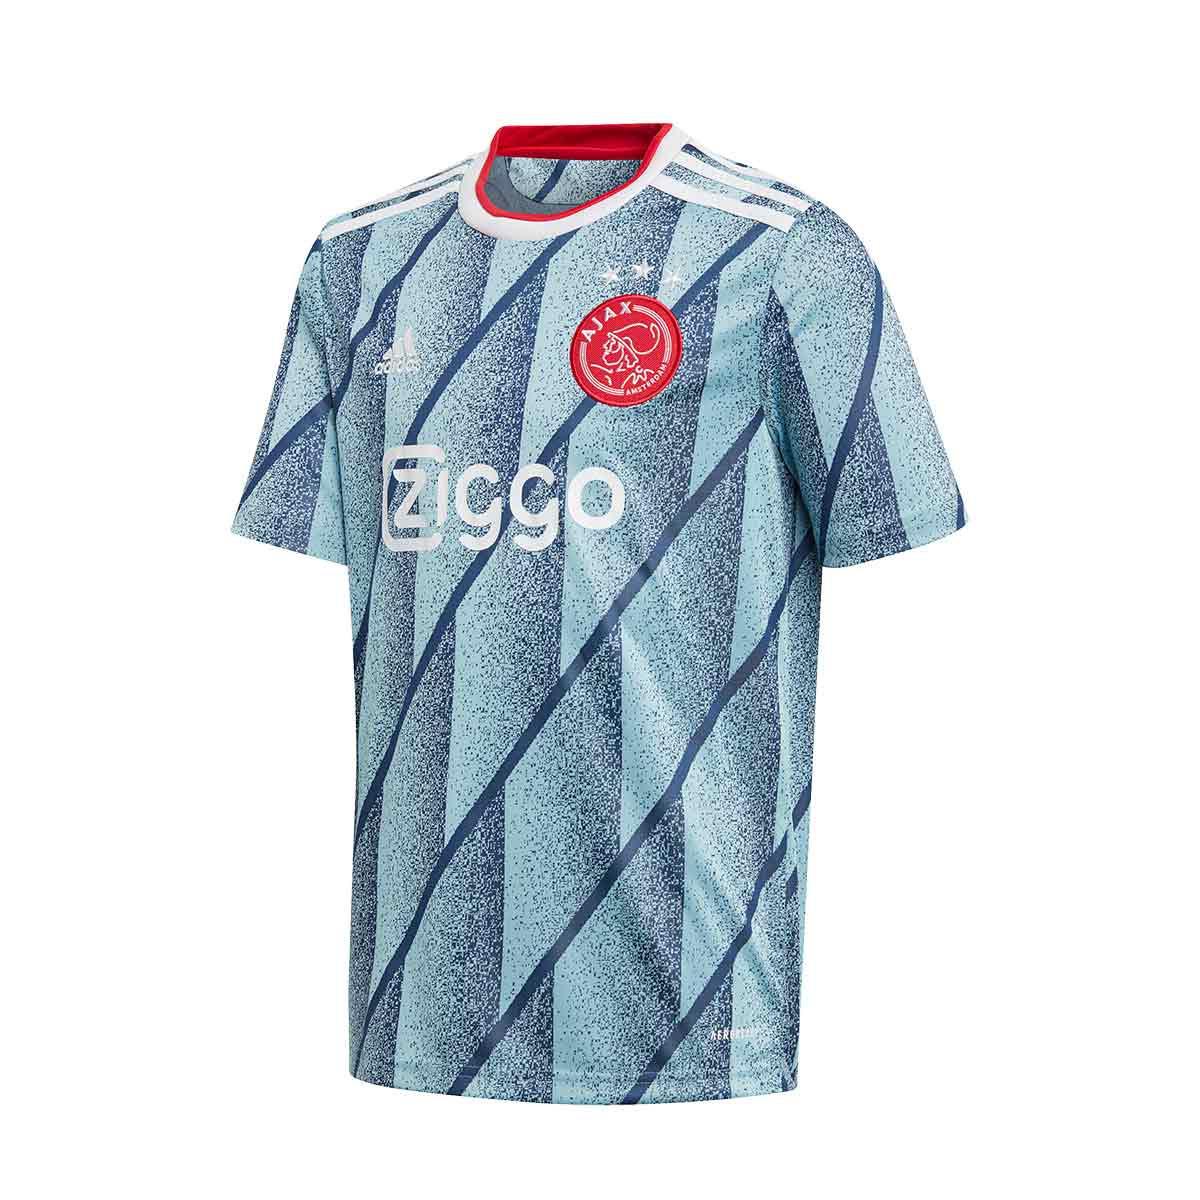 Maglia adidas Ajax FC FC Seconda maglia 2020-2021 Bambino